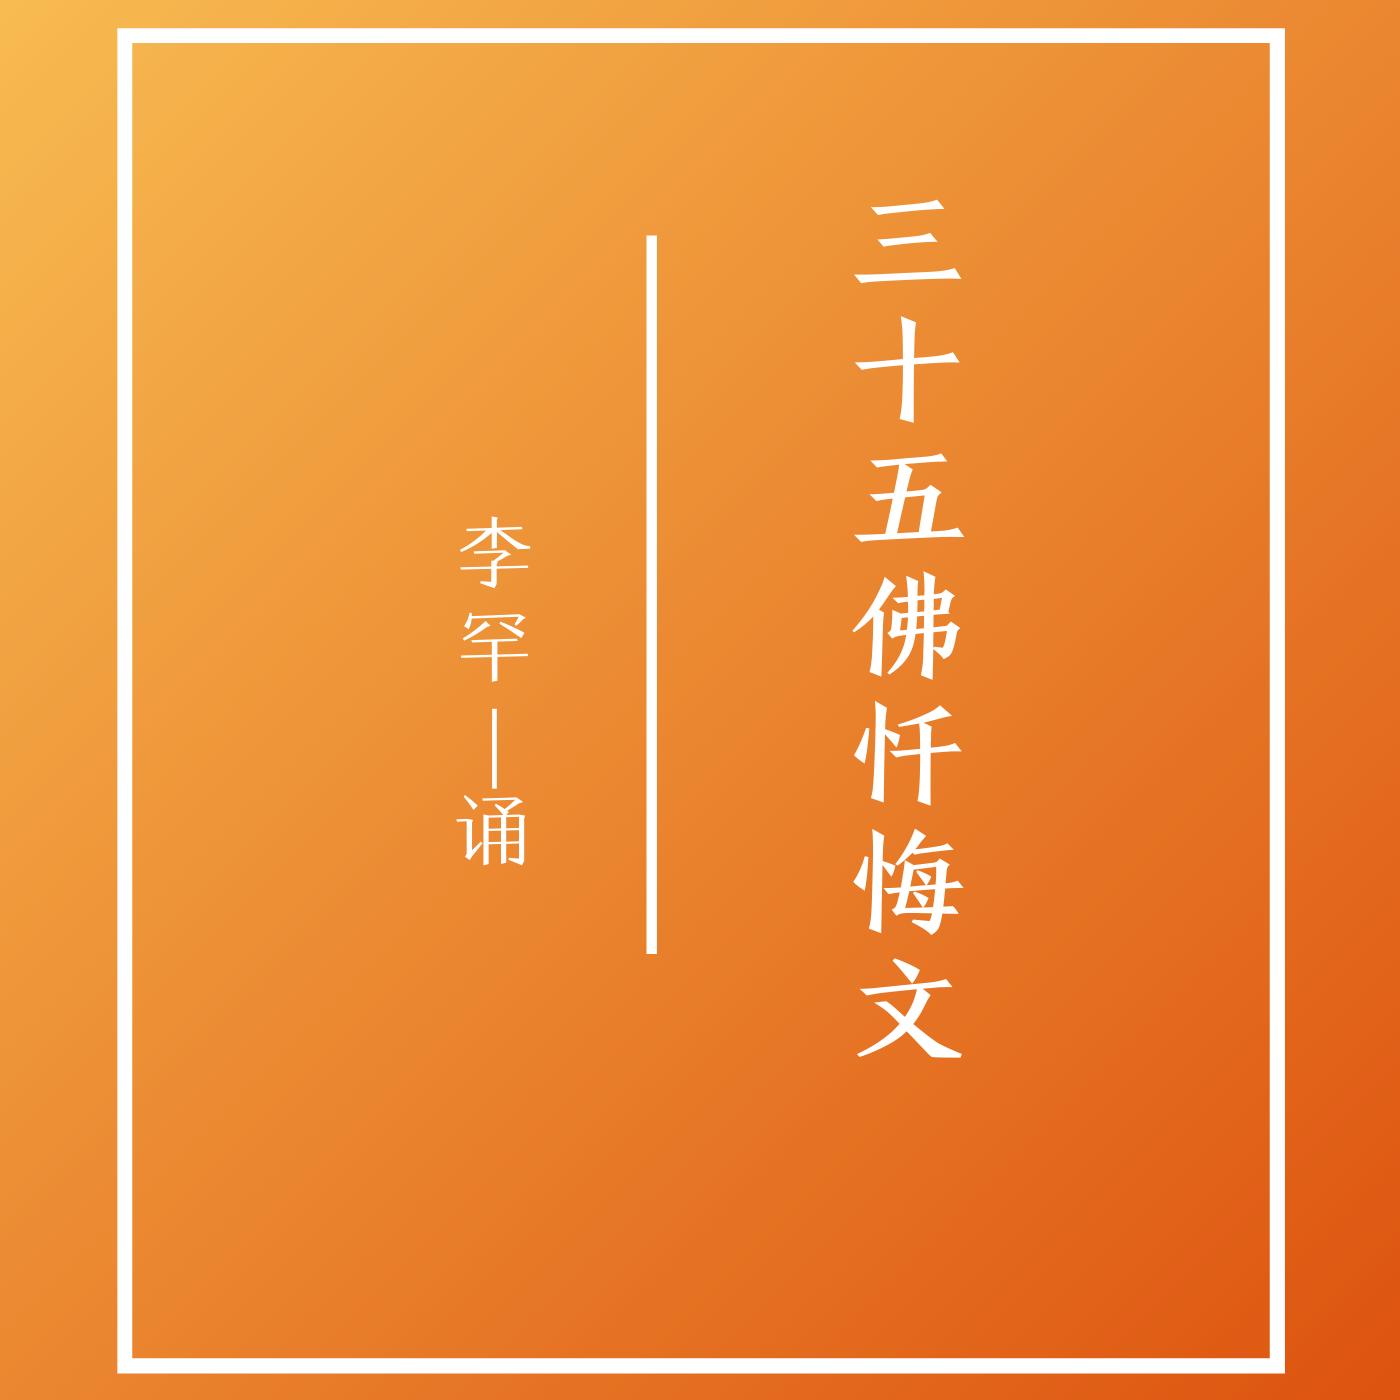 三十五佛忏悔文-李罕